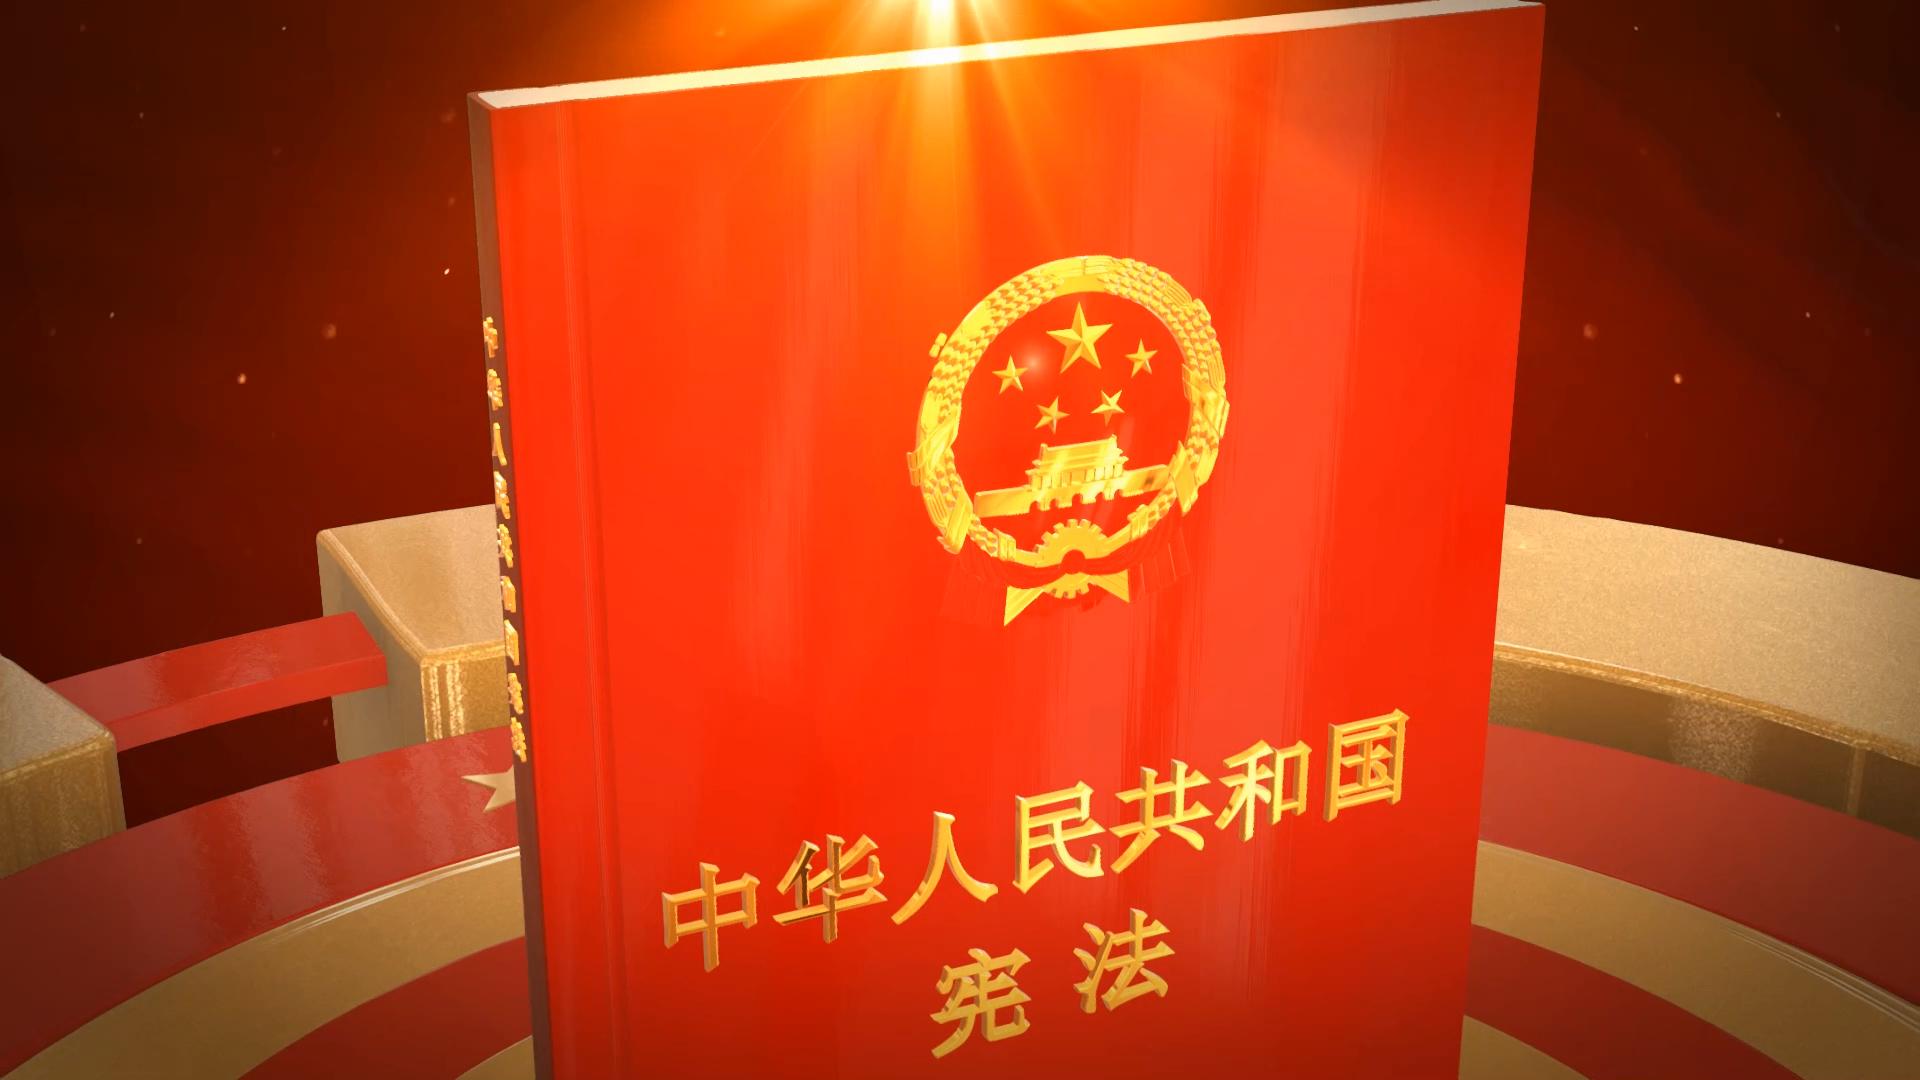 党政政府宪法宣传片头会声会影模板01